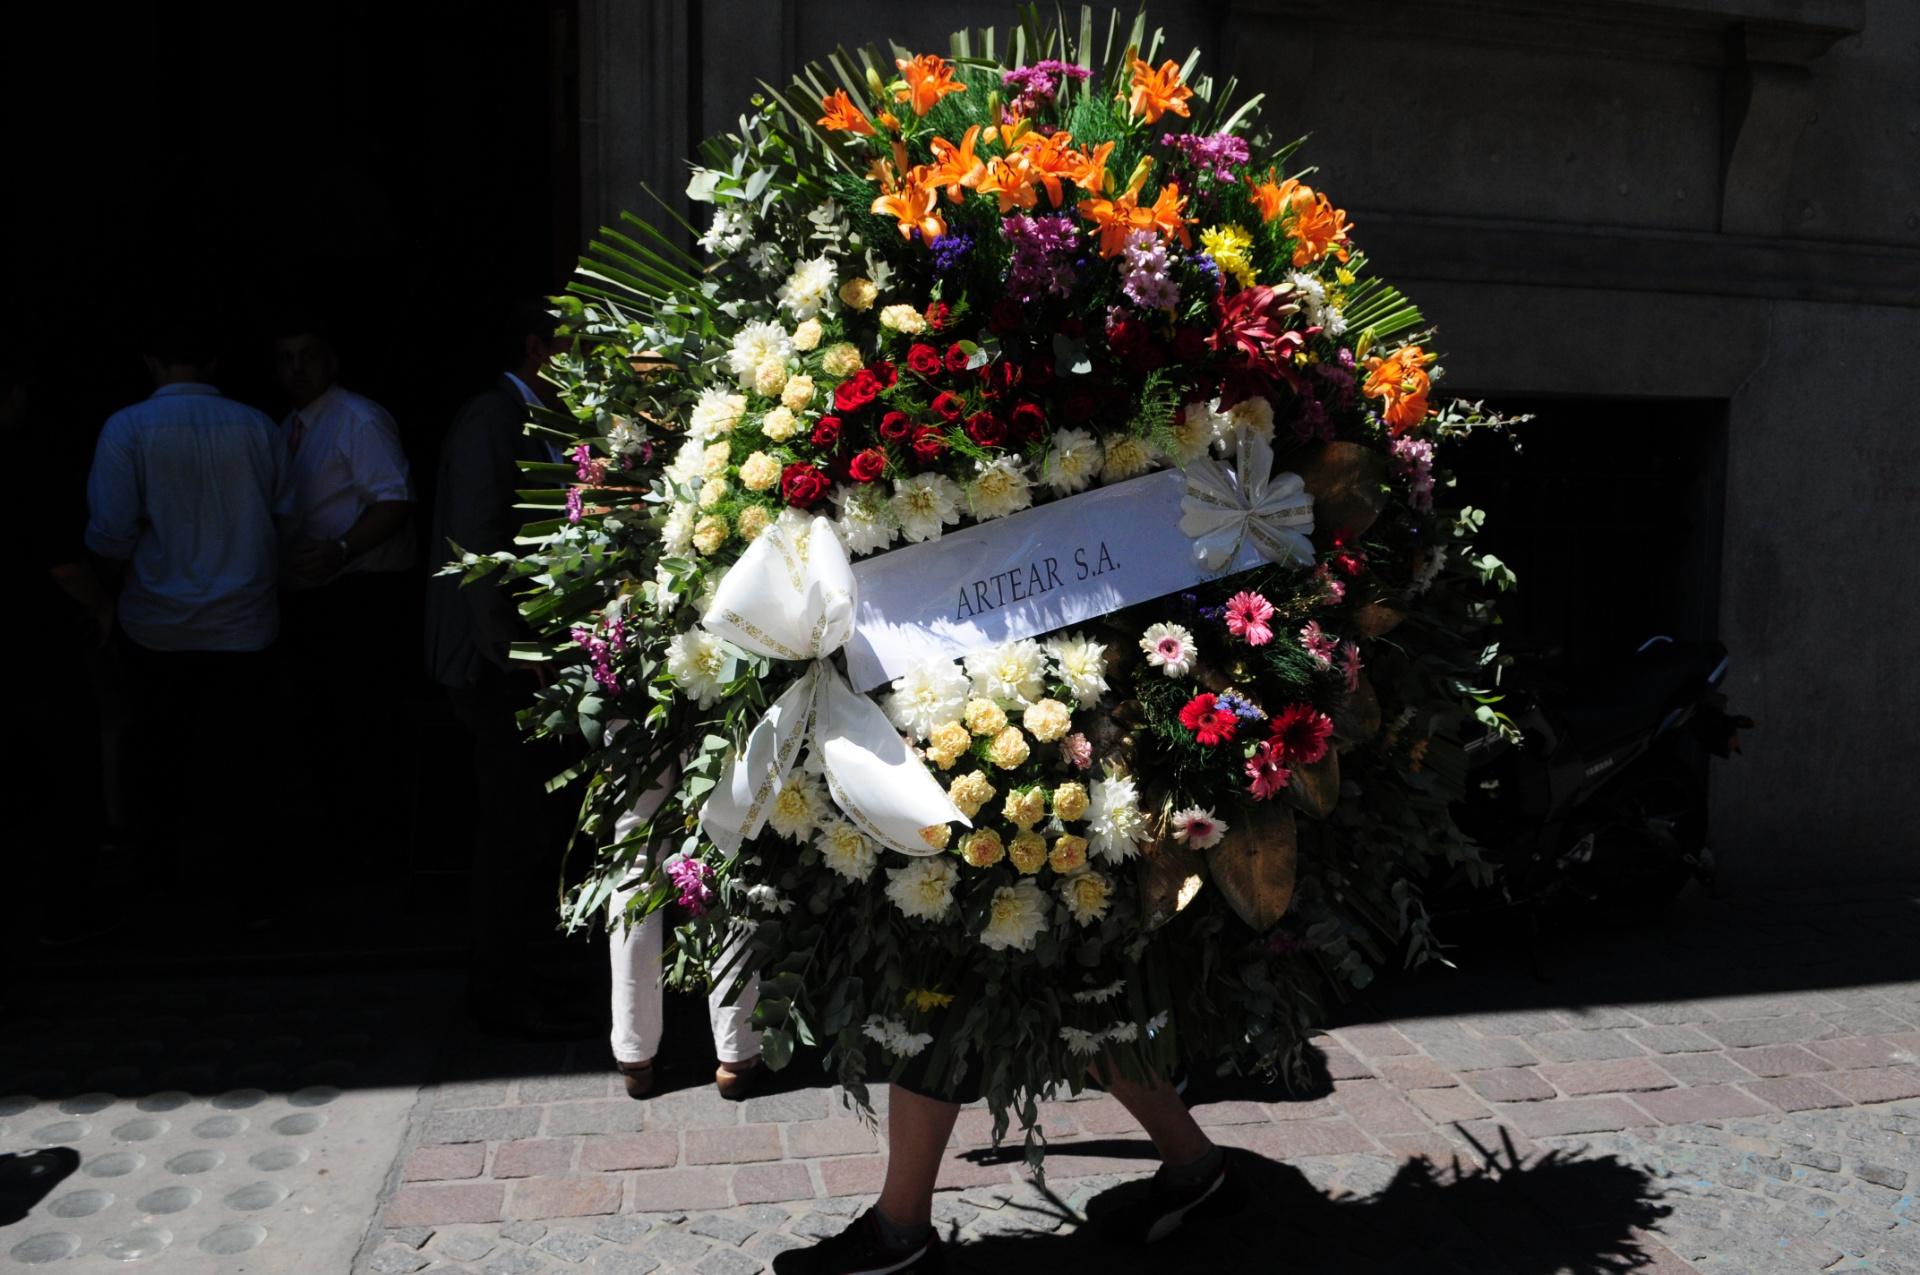 La corona de flores de Artear. la empresa que tiene la licitación de Canal 13